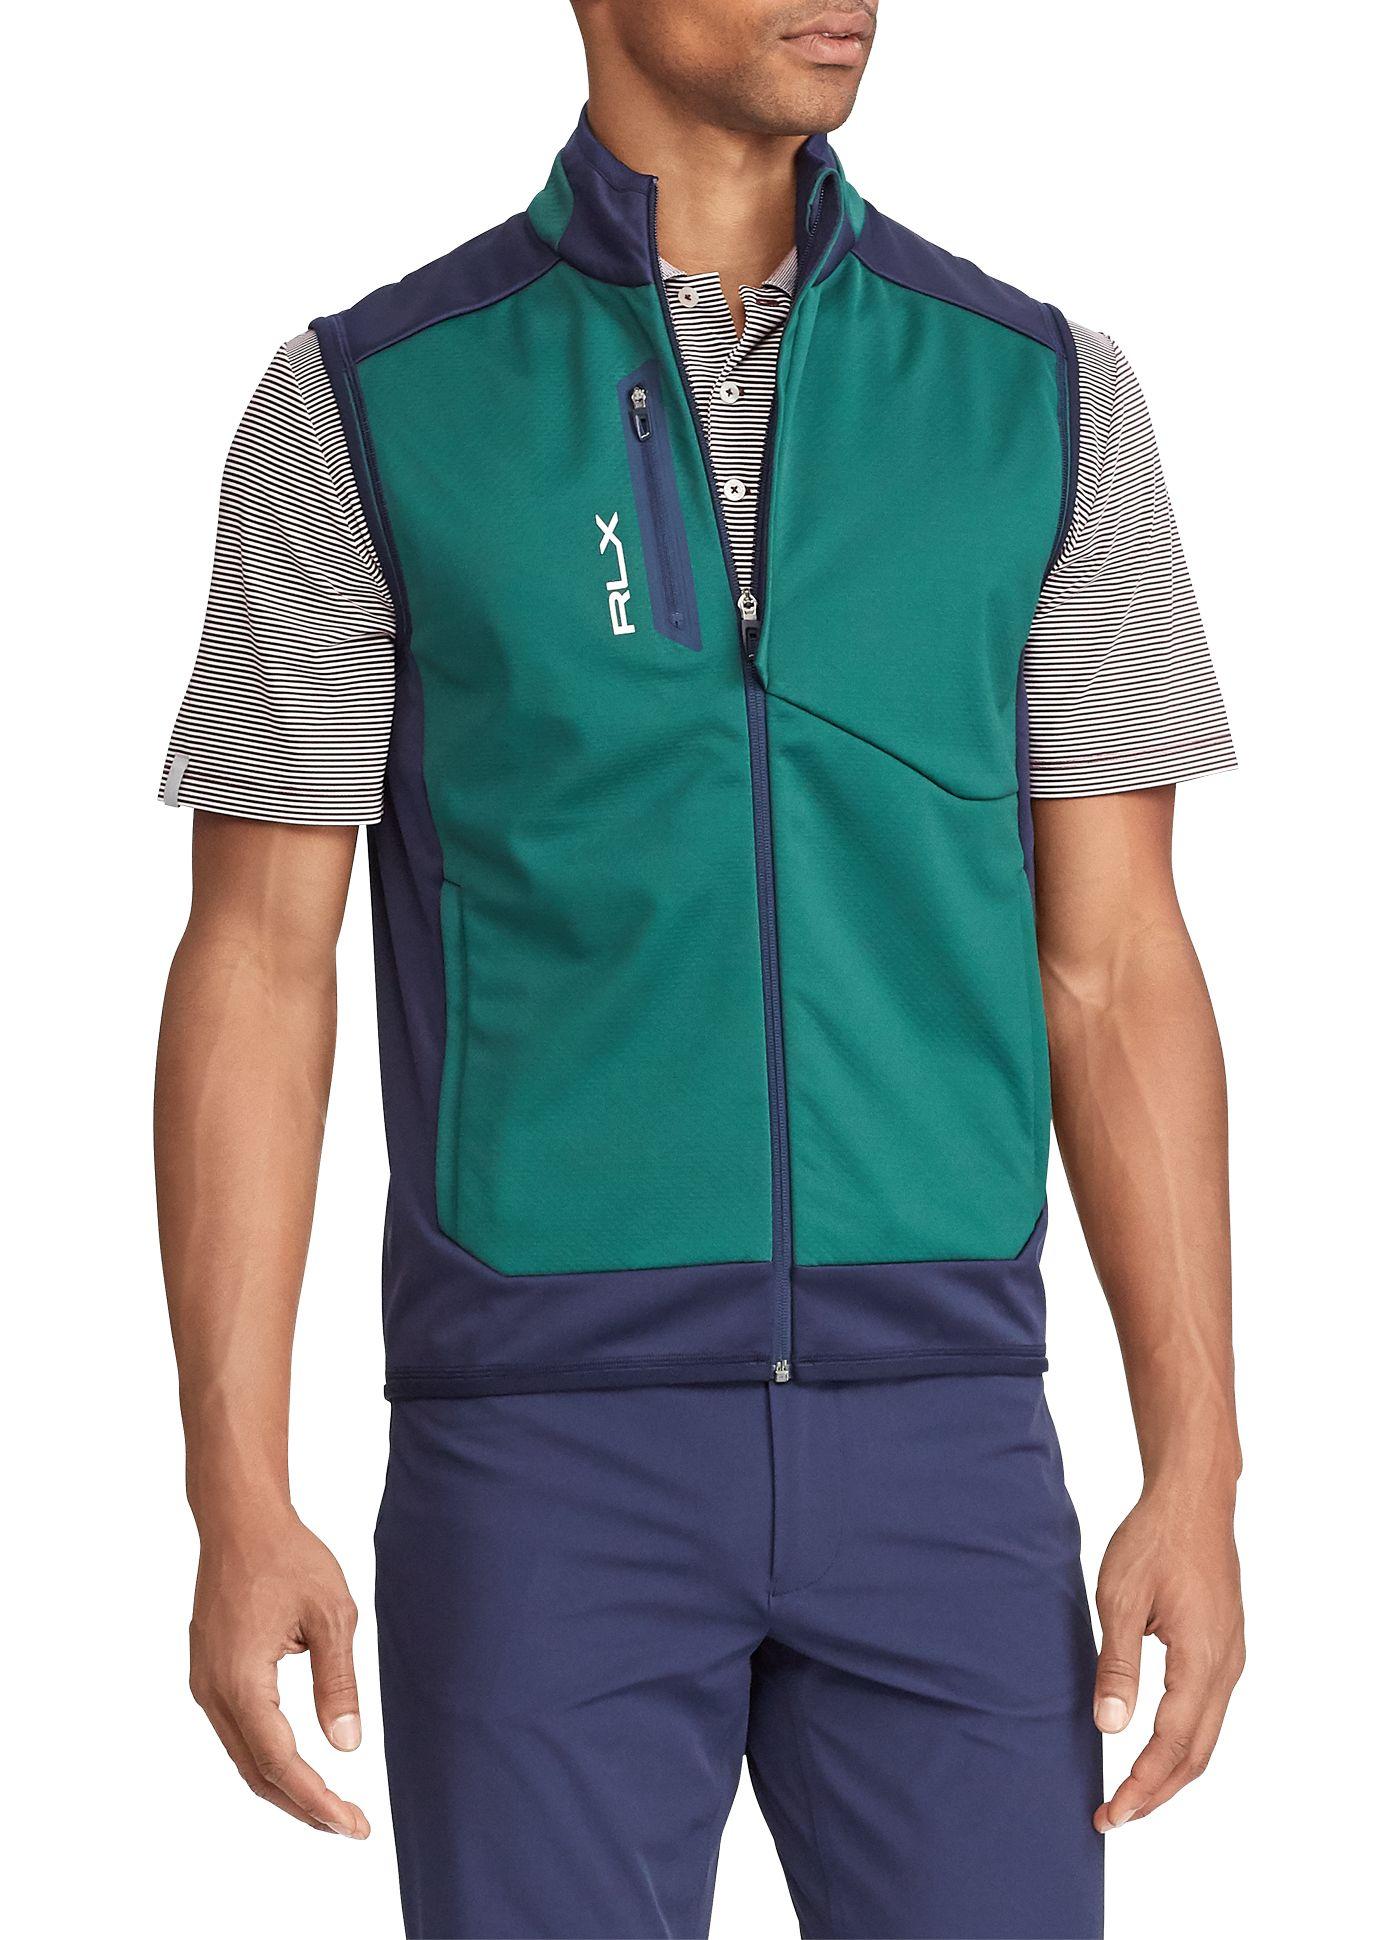 RLX Golf Men's Bonded Softshell Golf Vest